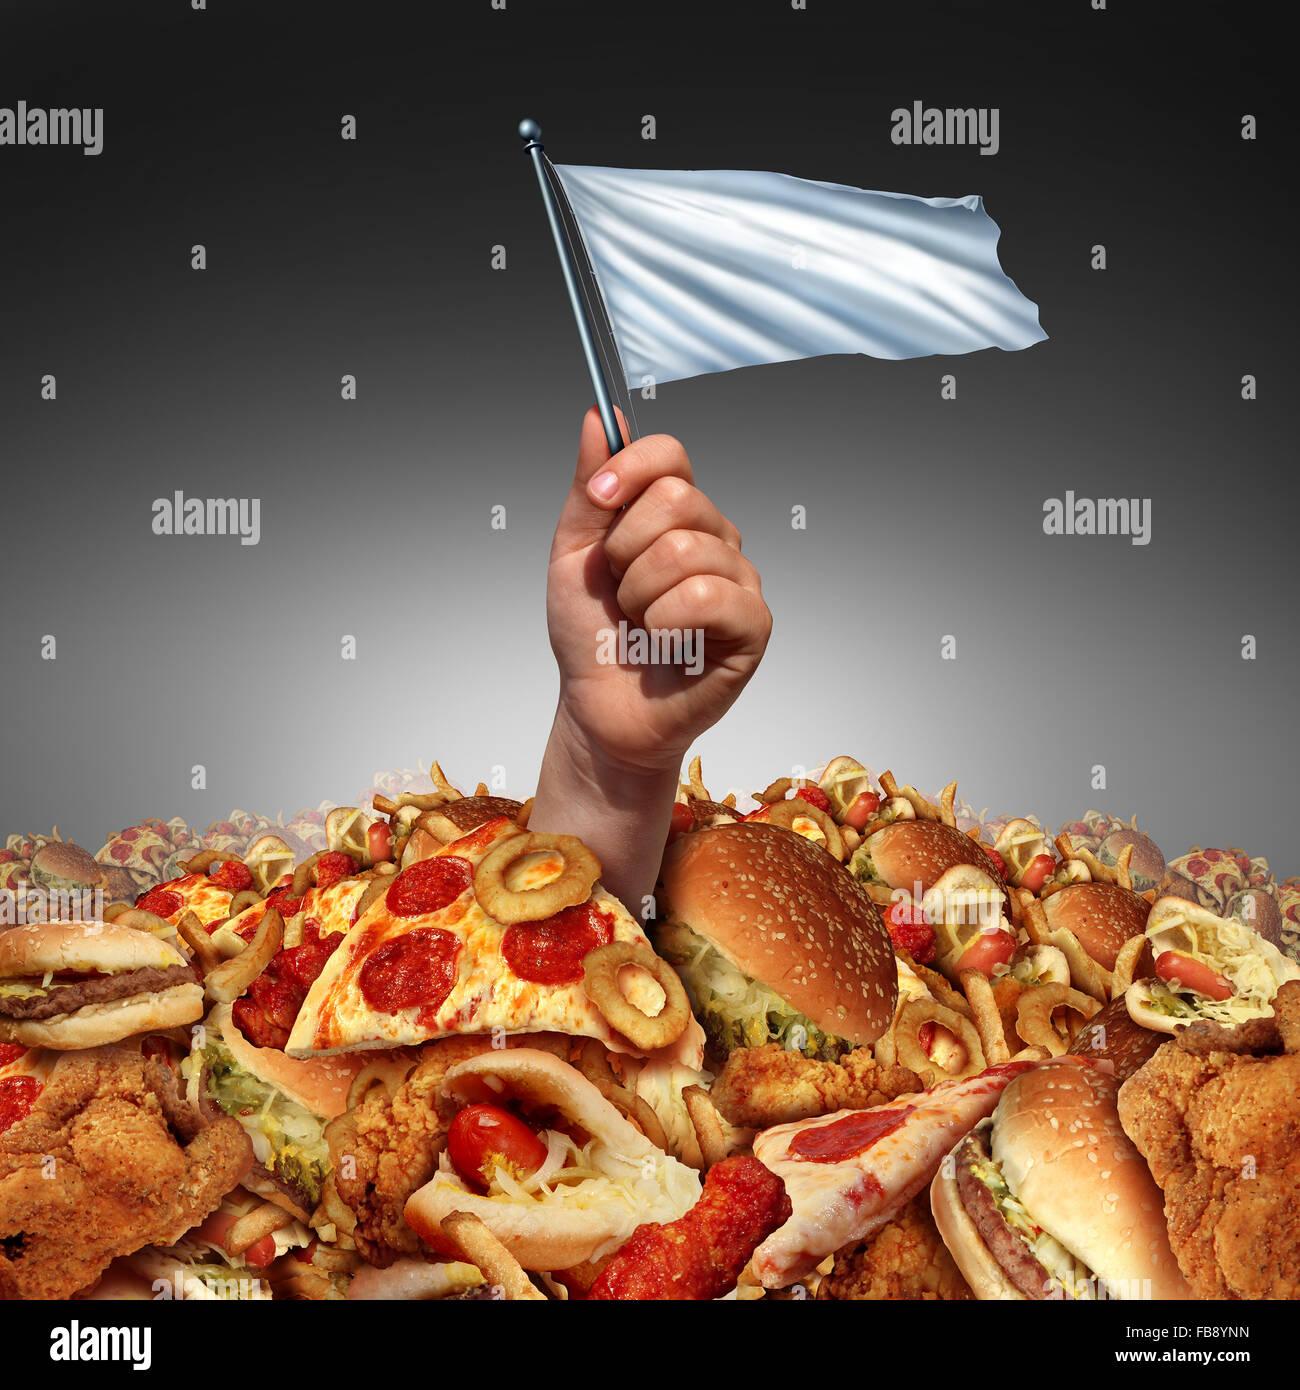 Junk-Food Kapitulation und Verzicht auf fetthaltige Lebensmittel oder beenden einen hohe Fett Lebensstil und Diät Stockbild